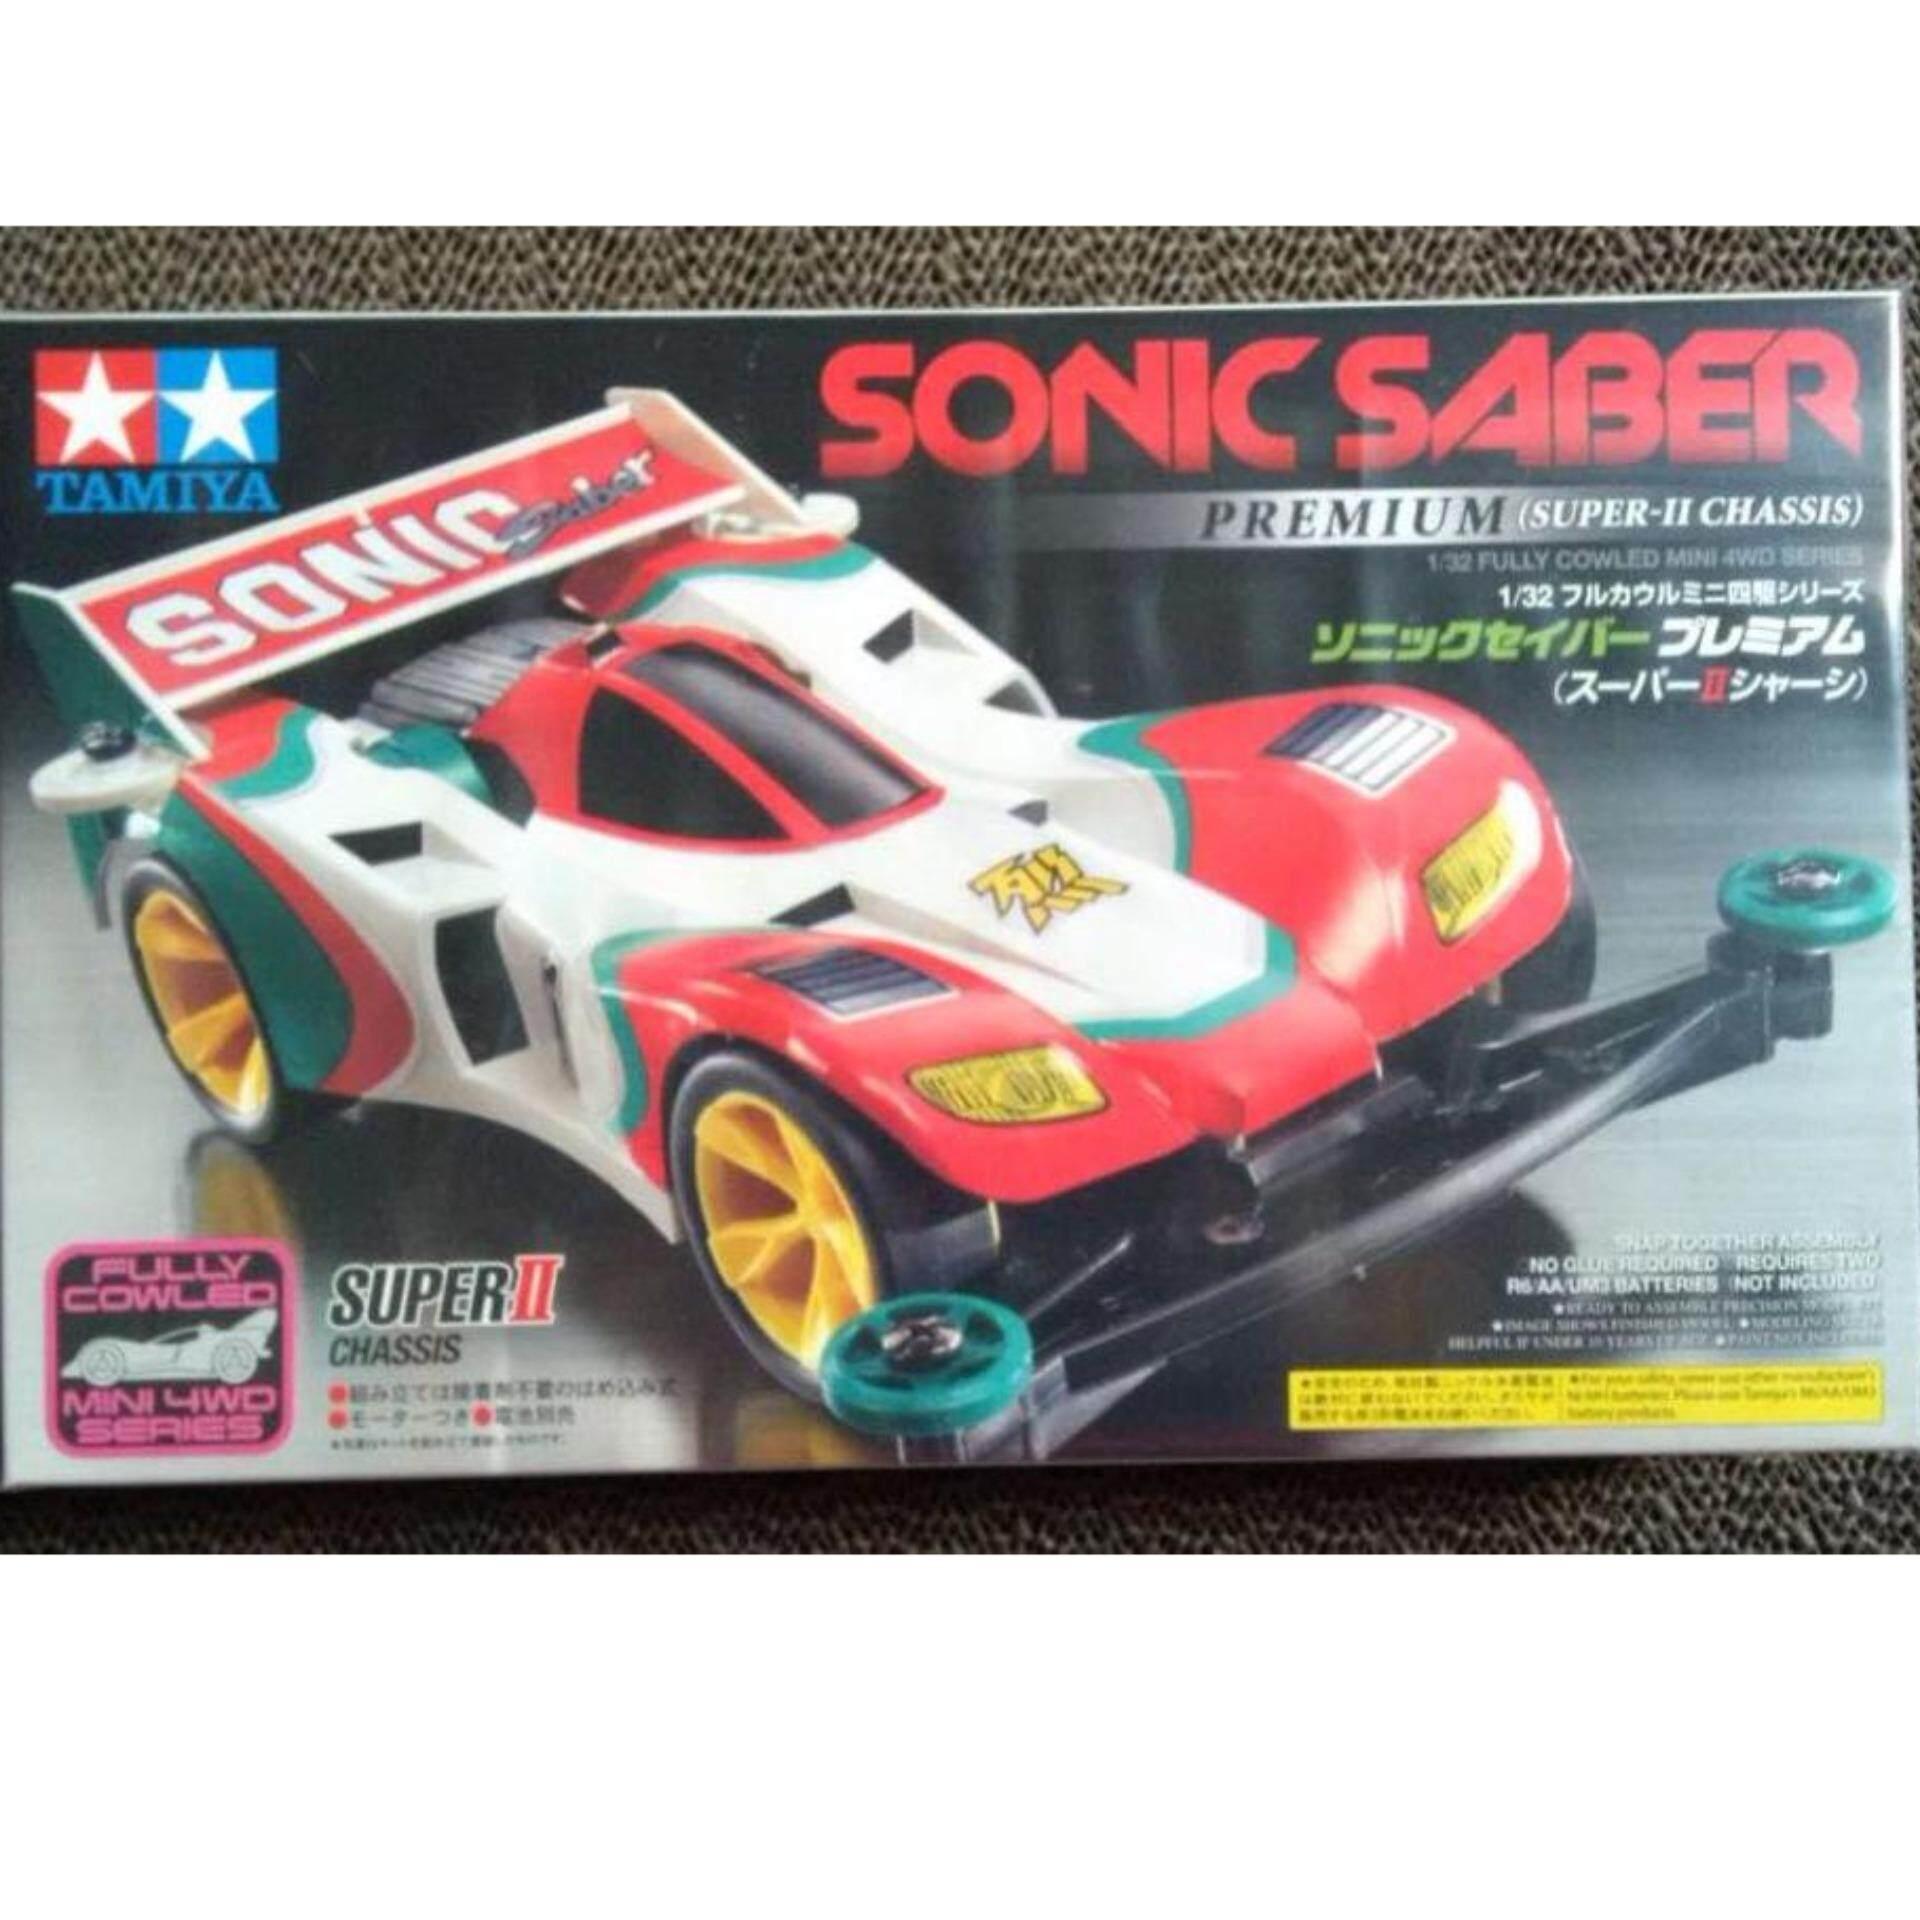 1/32 TAMIYA Sonic Saber Premium (Super II Chassis)